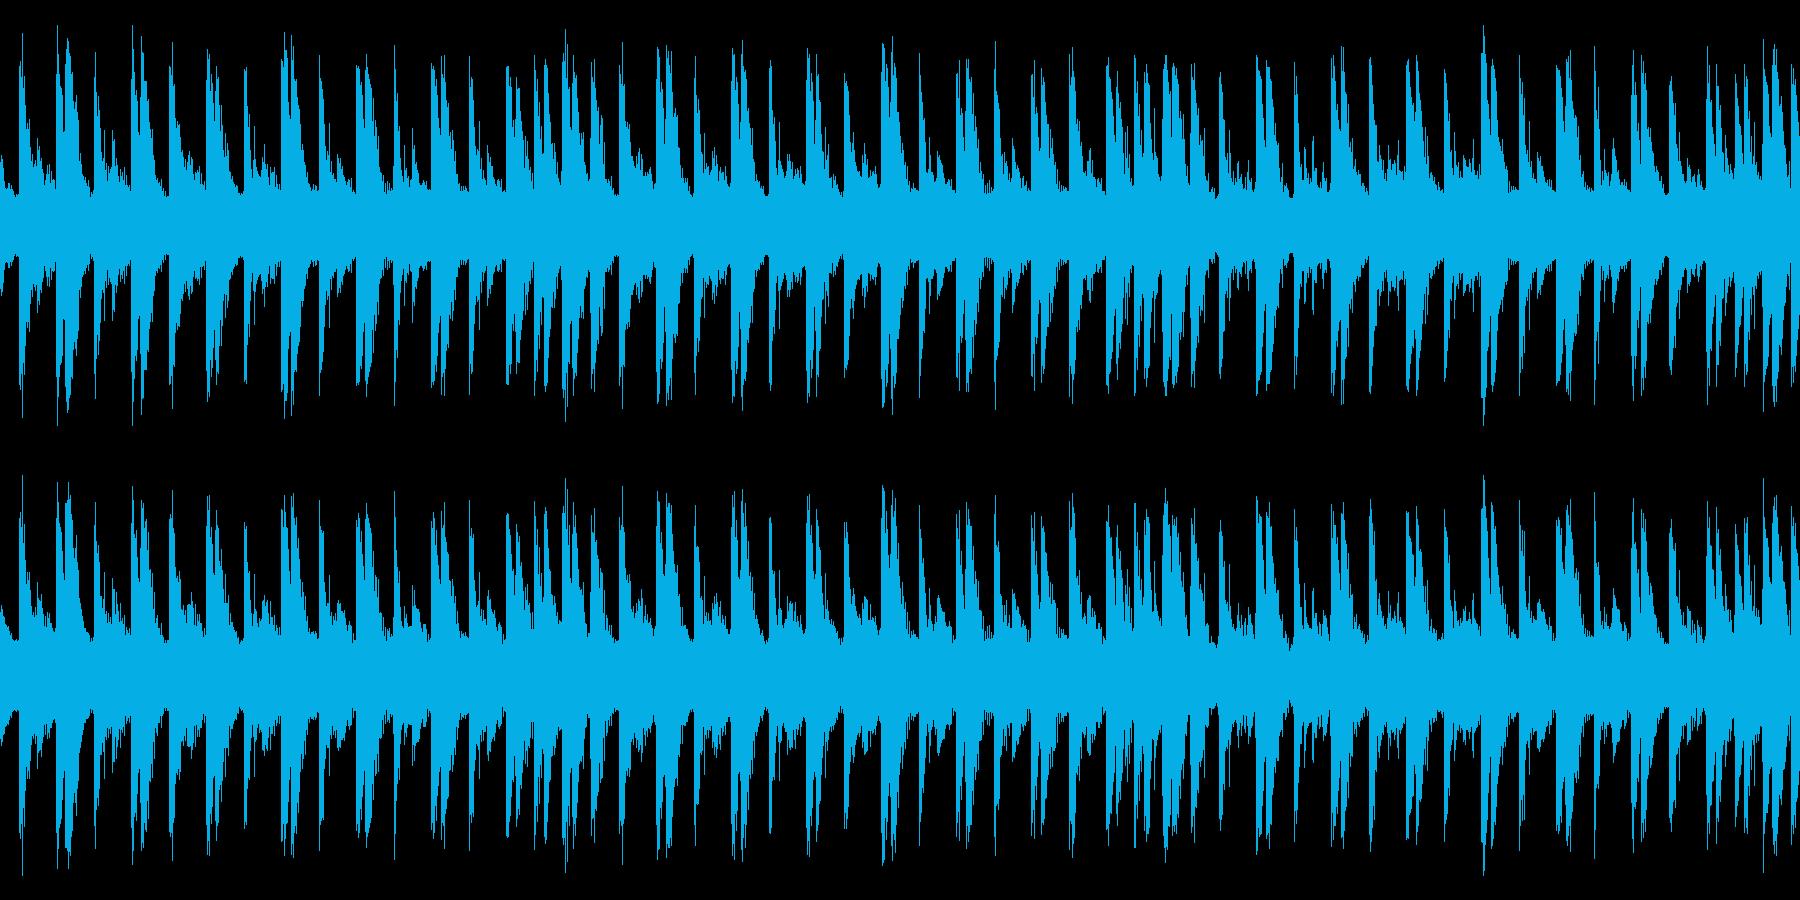 アコギのアルペジオを使ったごく短いループの再生済みの波形